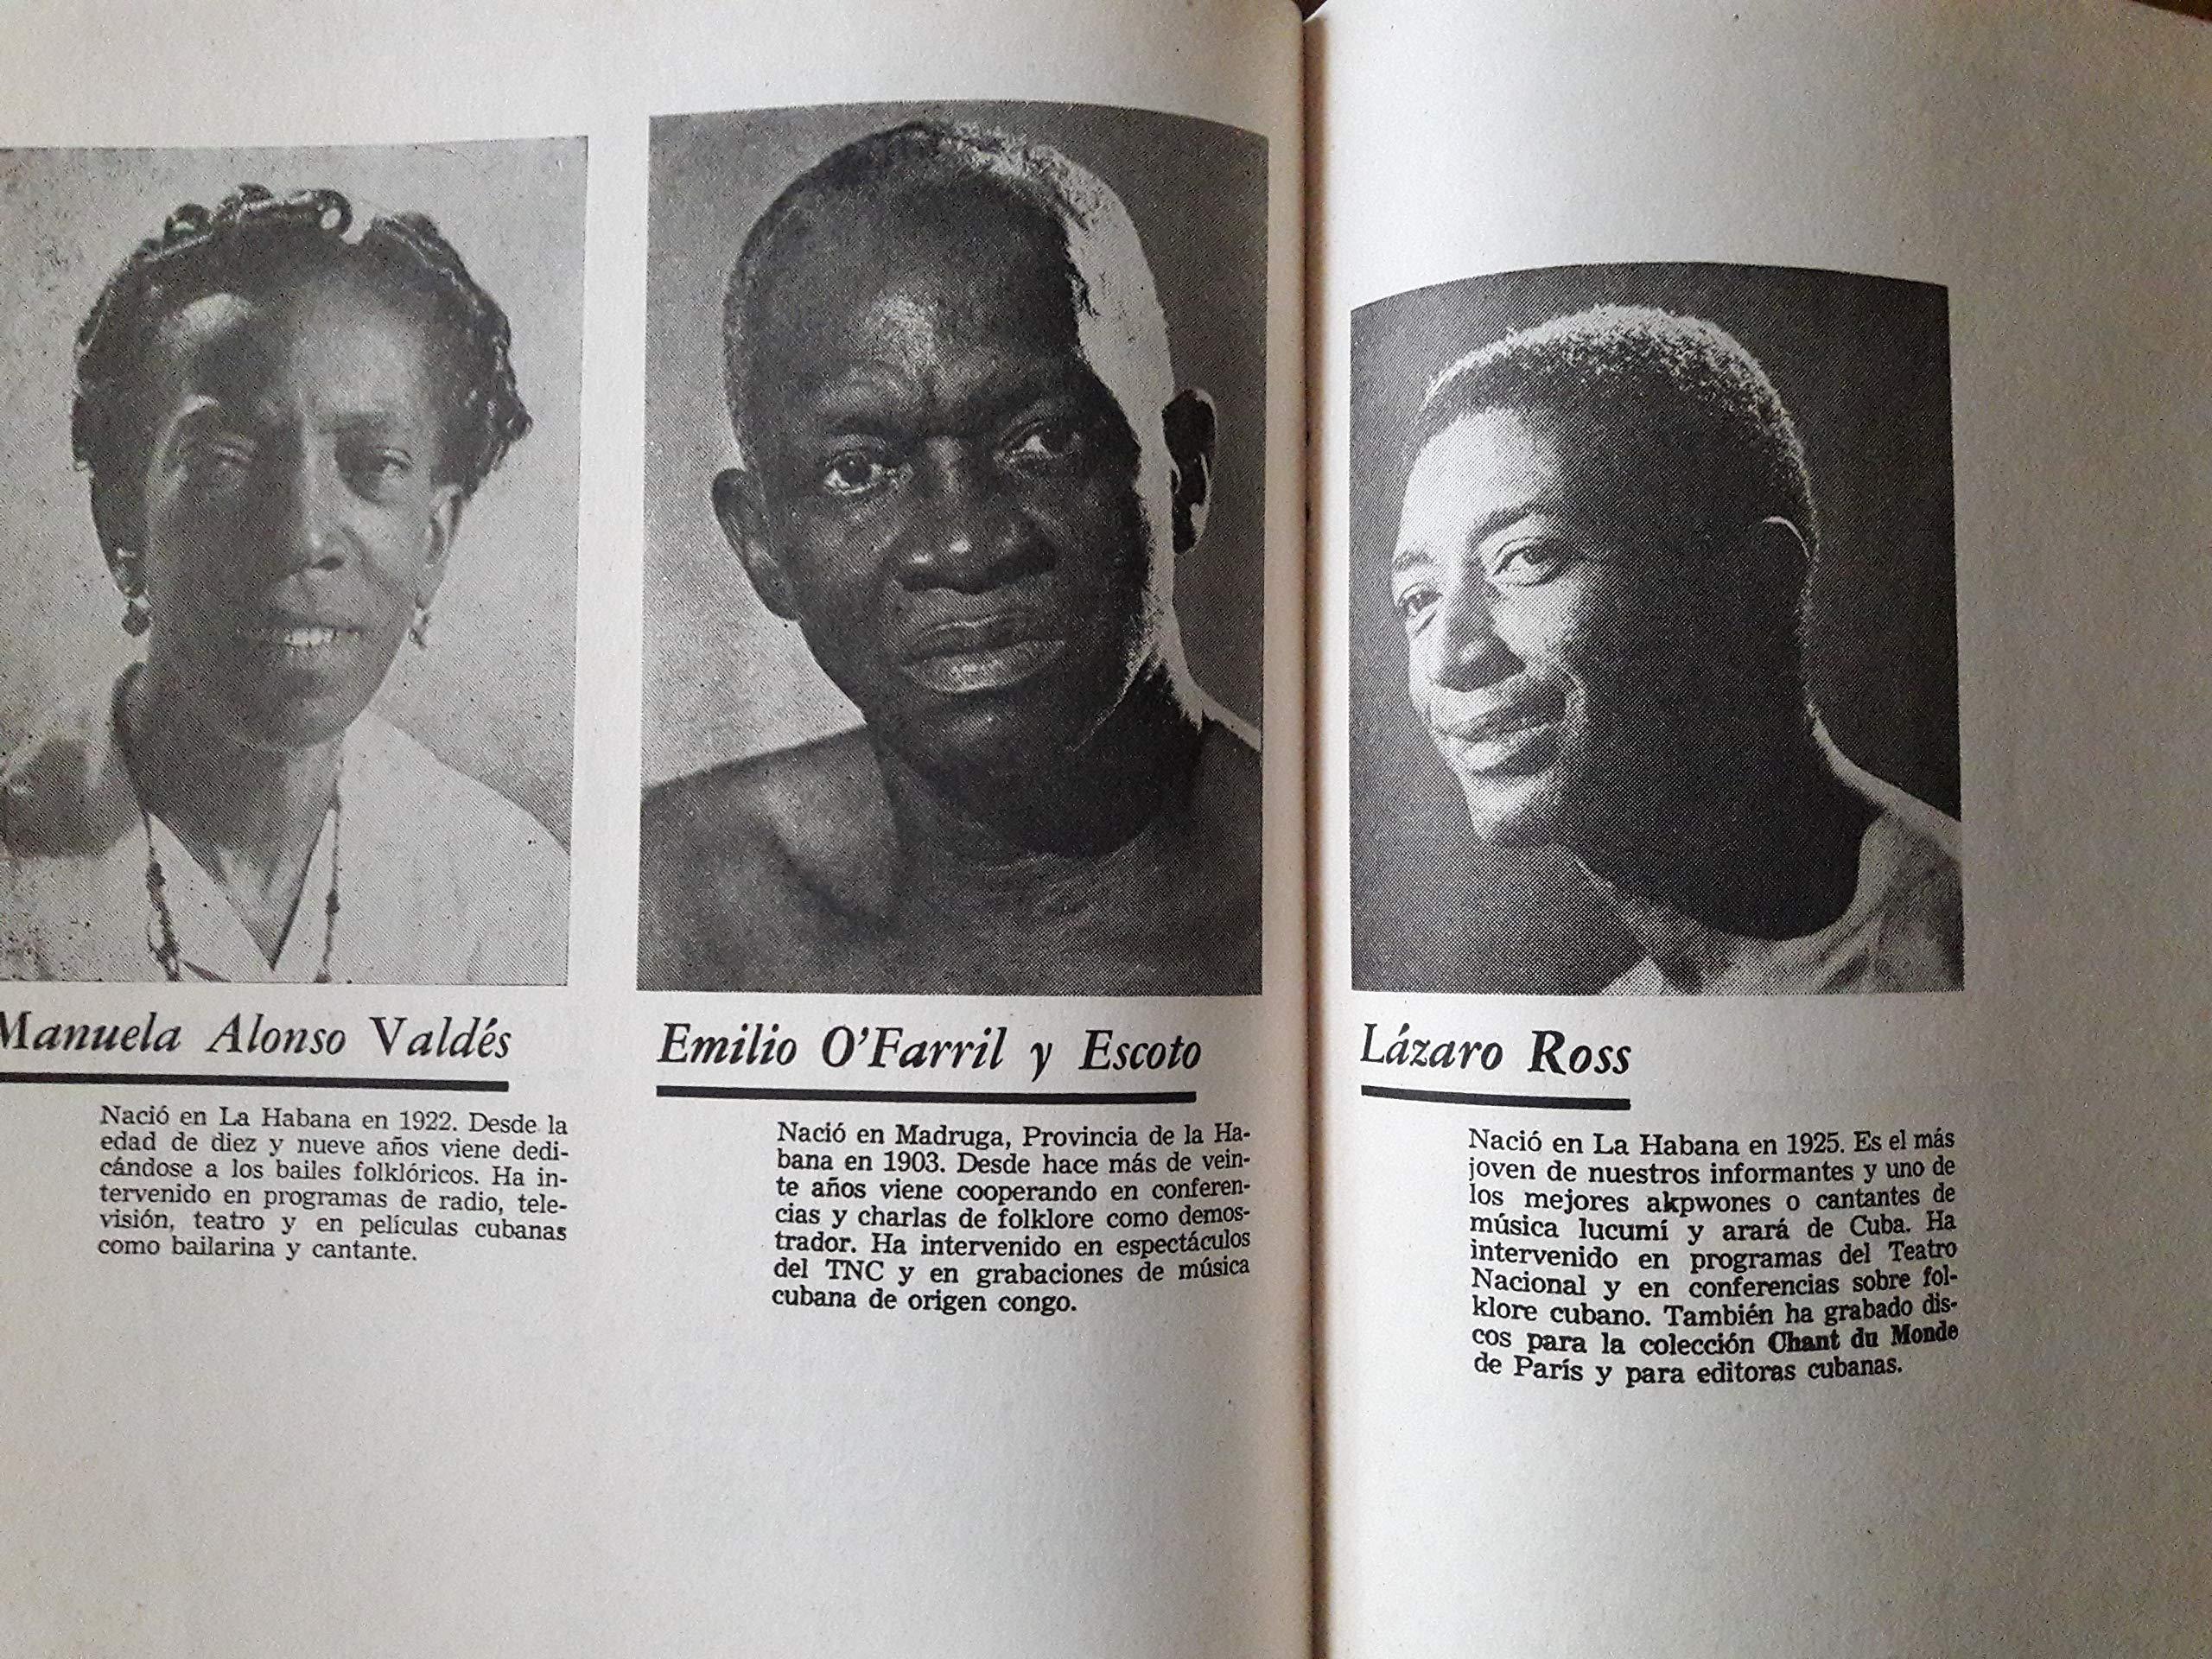 Conjunto folklorico nacional.cantos, bailes y danzas de nuestro folklore.primera edicion habana cuba 1963.: publicaciones del consejo nacional de cultura, ...